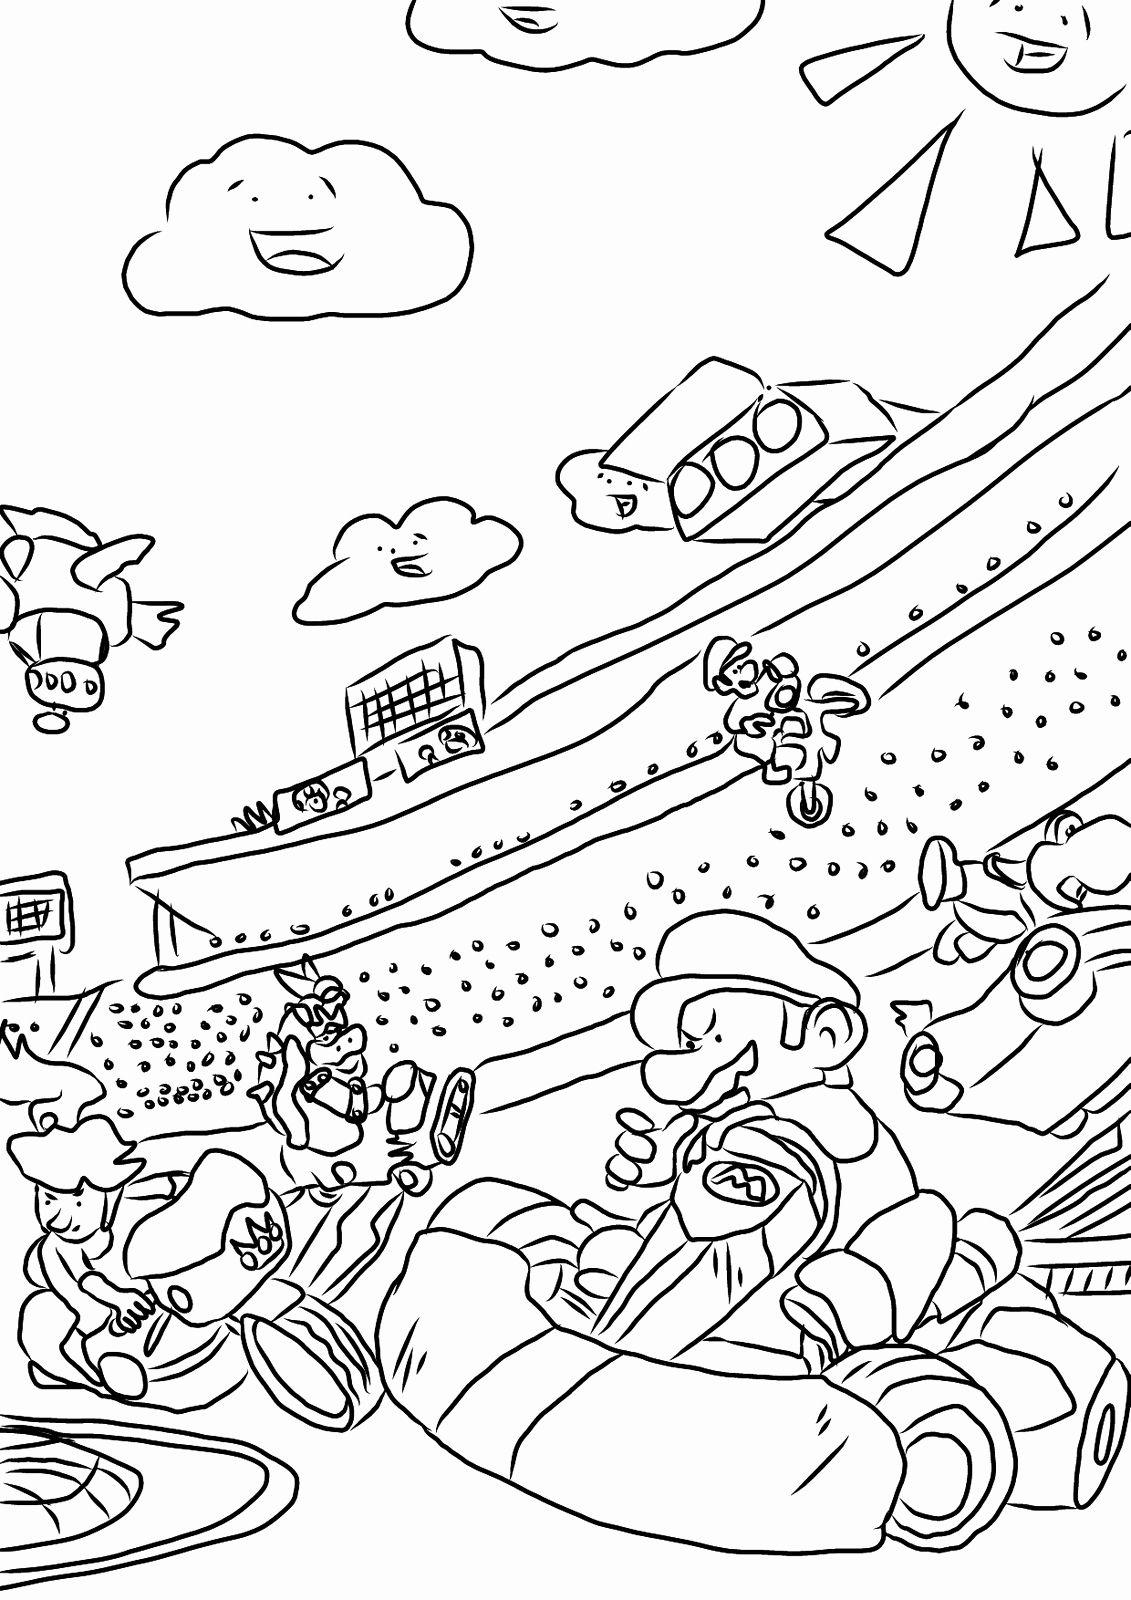 Super Mario Coloring Page New Gallery Mario Bros Bowser Coloring